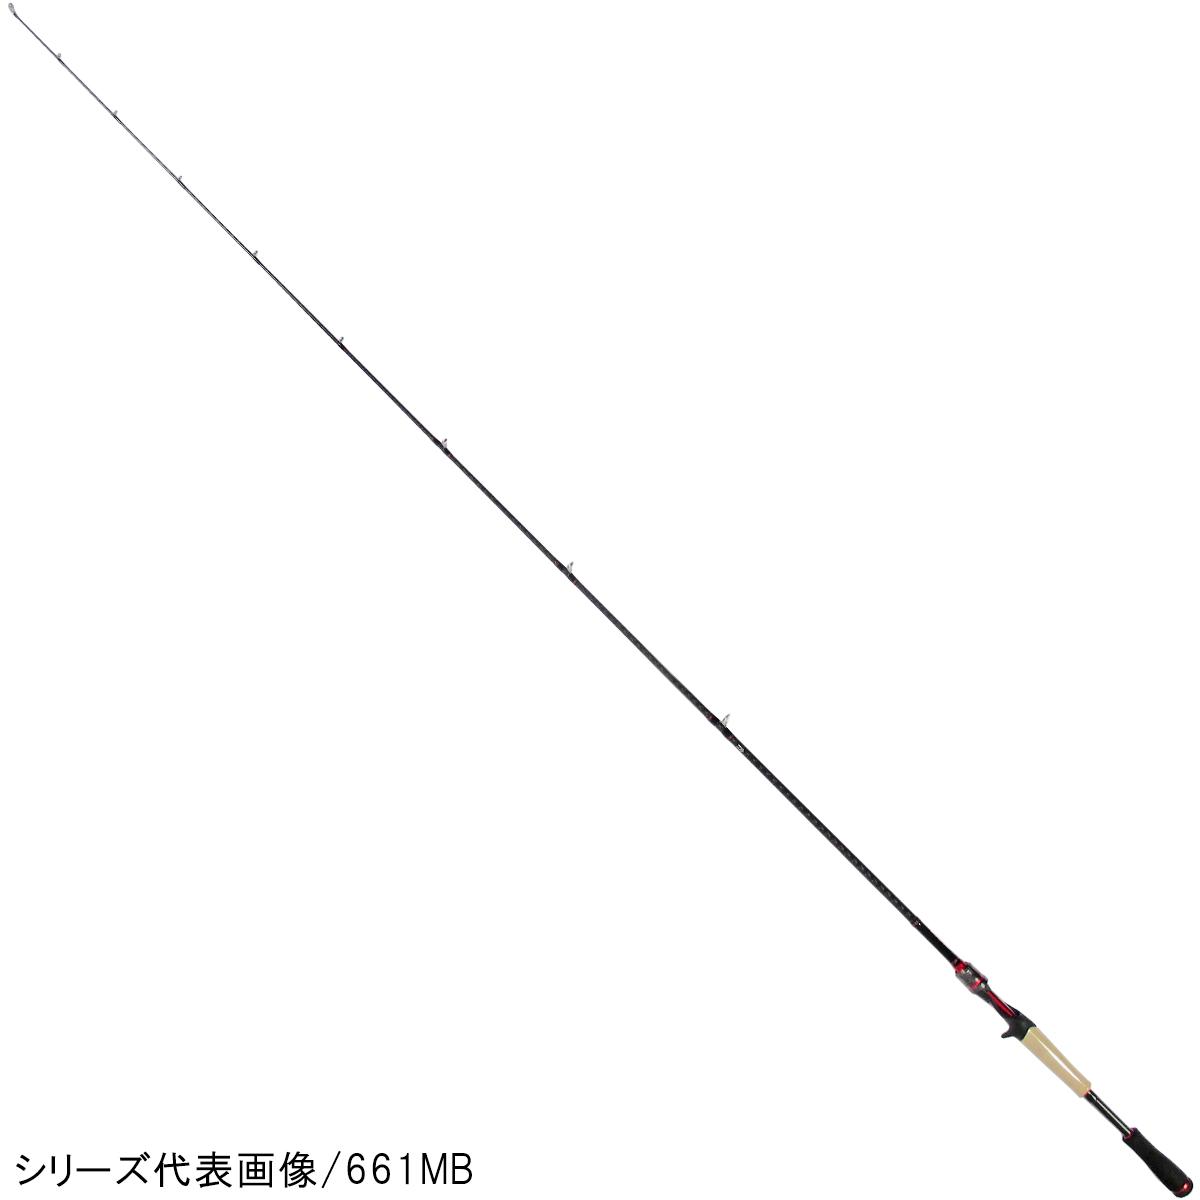 ダイワ ブレイゾン 671MLB【大型商品】